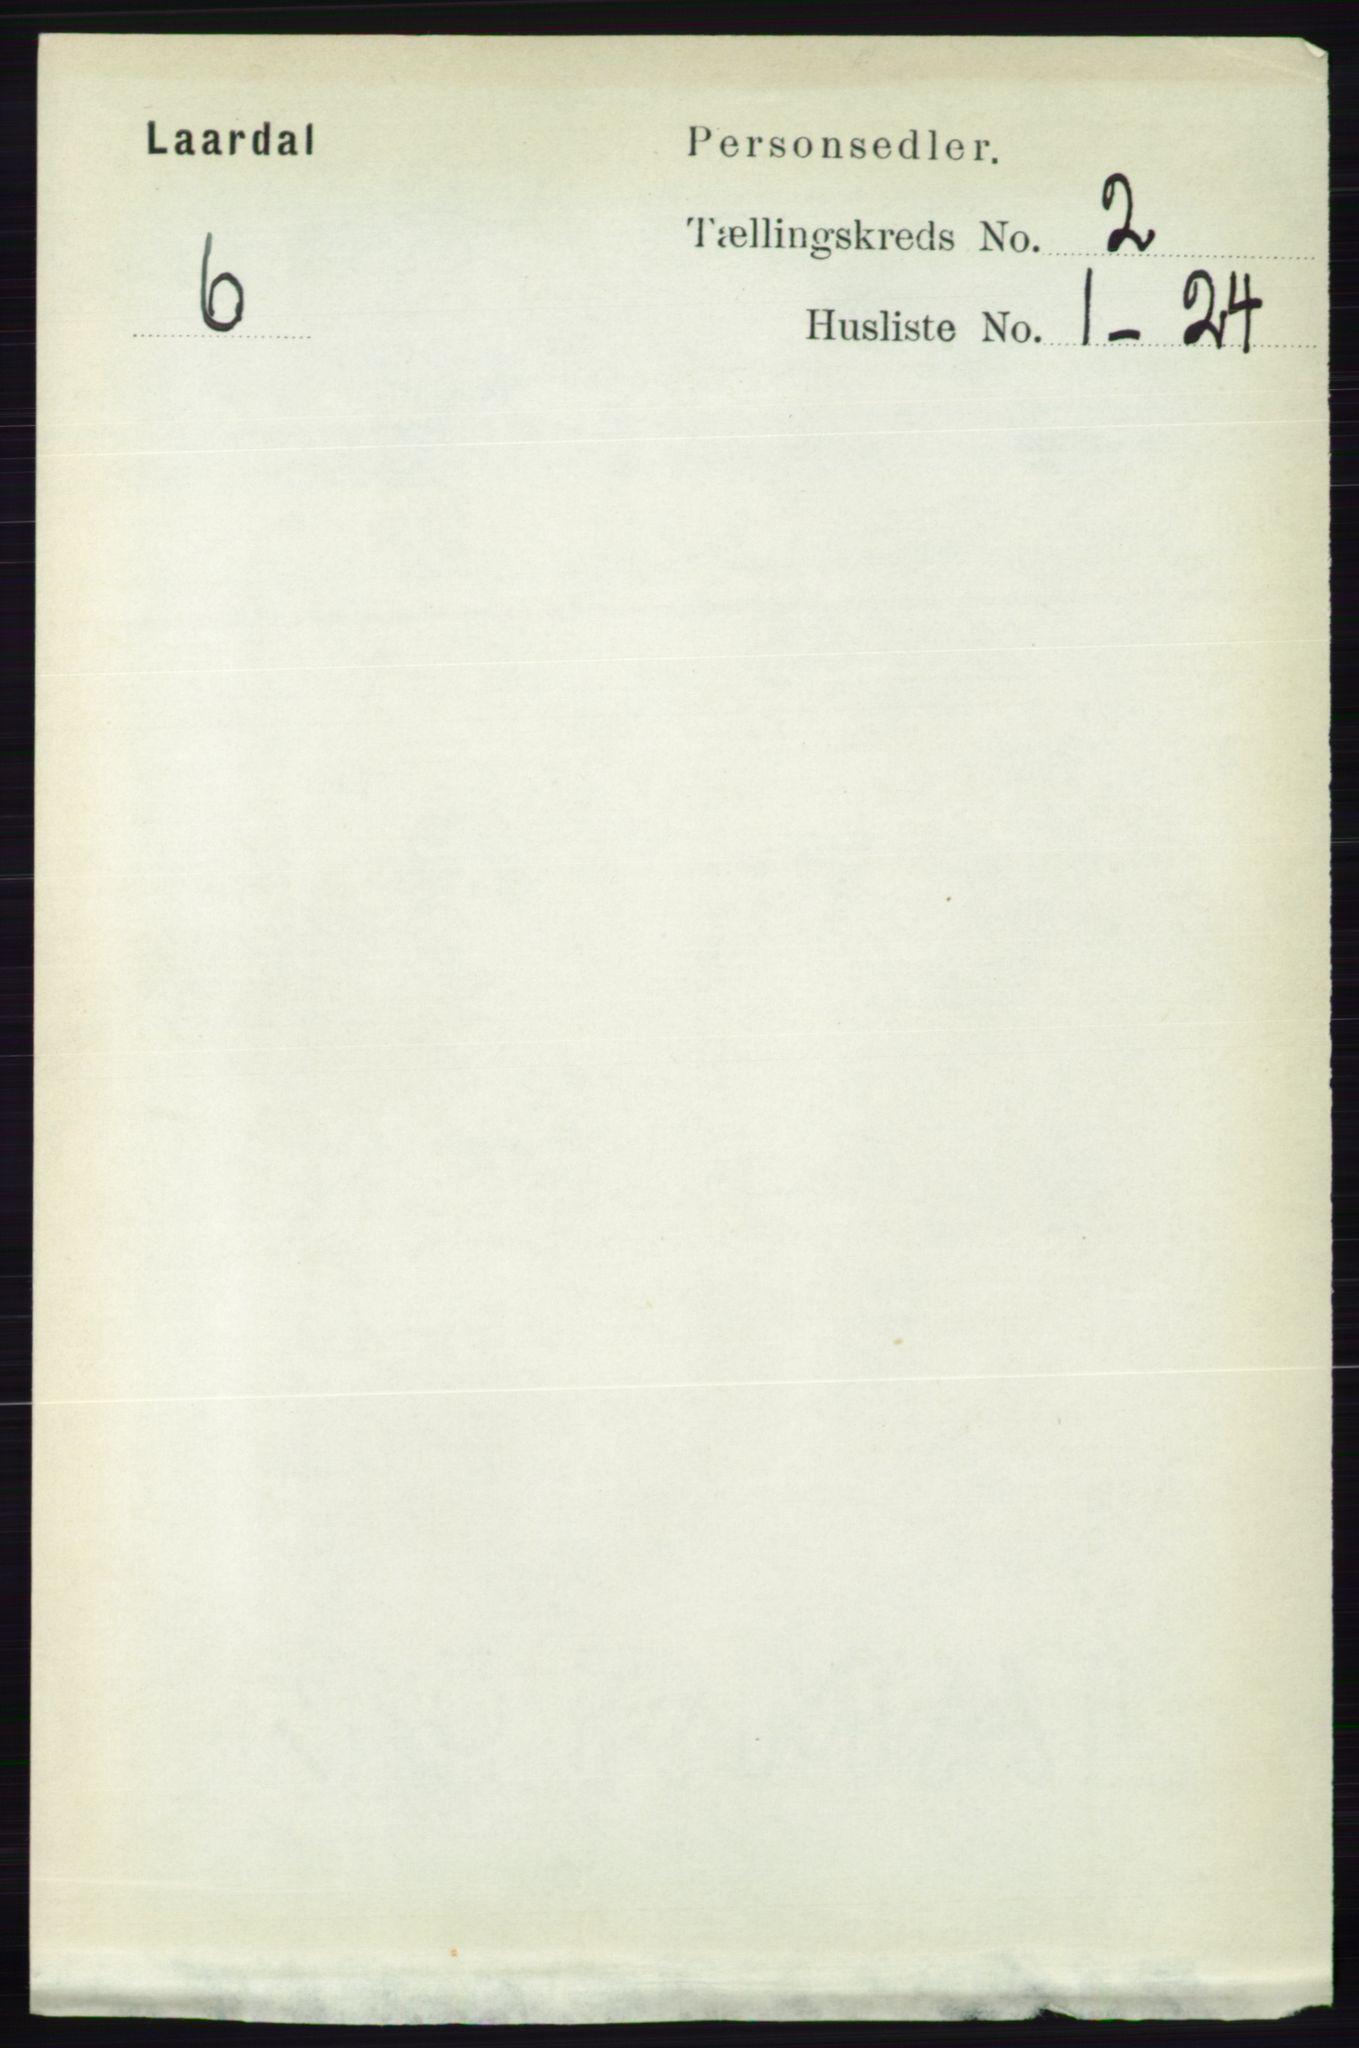 RA, Folketelling 1891 for 0833 Lårdal herred, 1891, s. 600